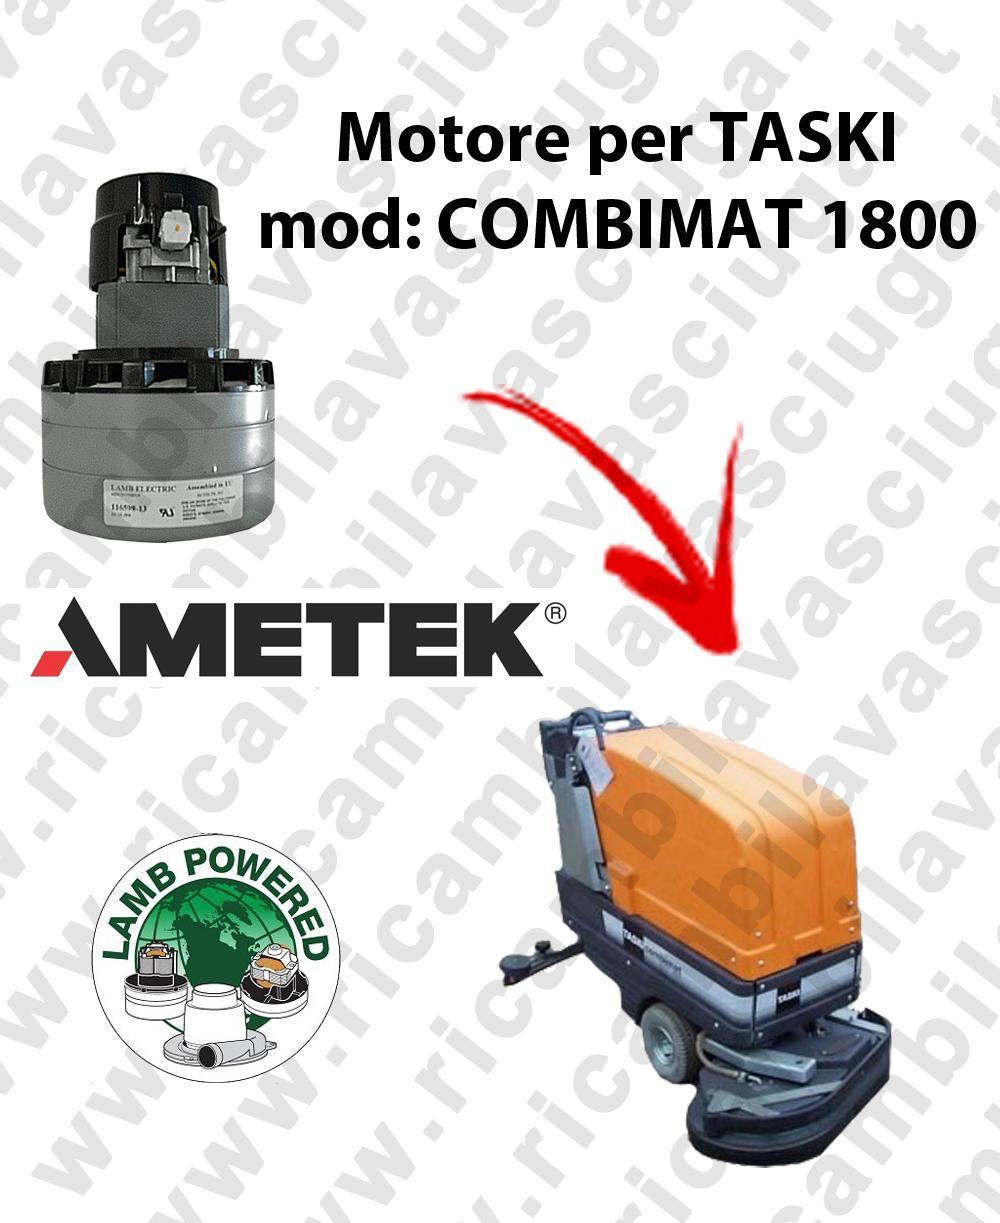 COMBIMAT 1800 MOTEUR ASPIRATION LAMB AMATEK pour autolaveuses TASKI